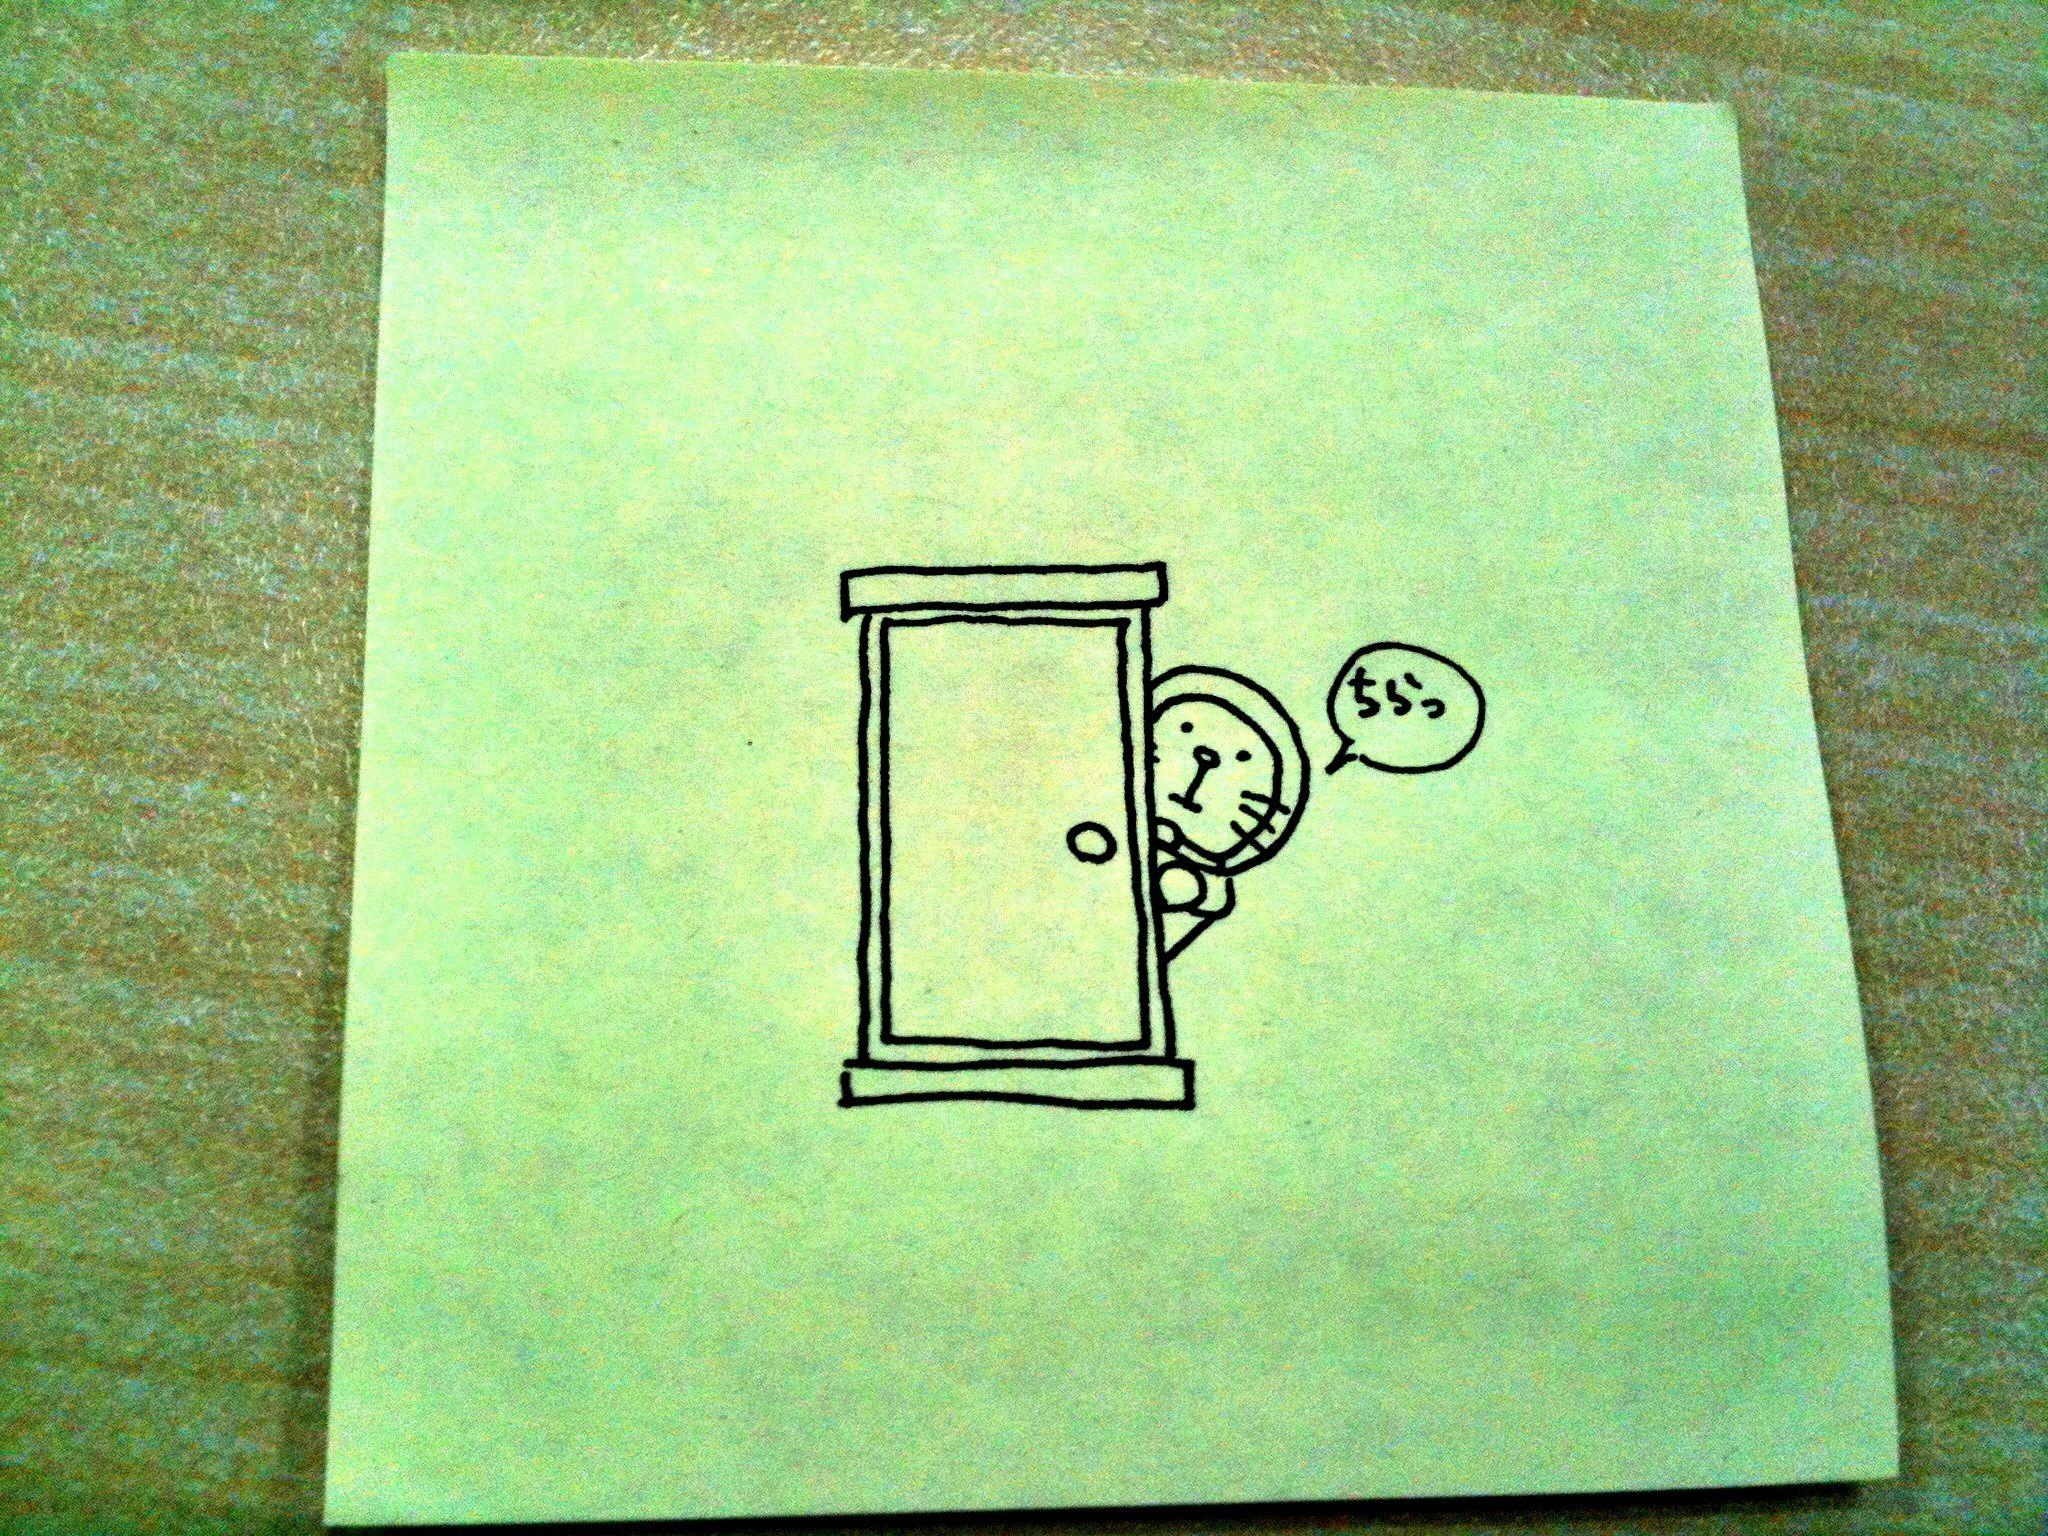 どこでもドア ポストイット どこでもドア イラスト